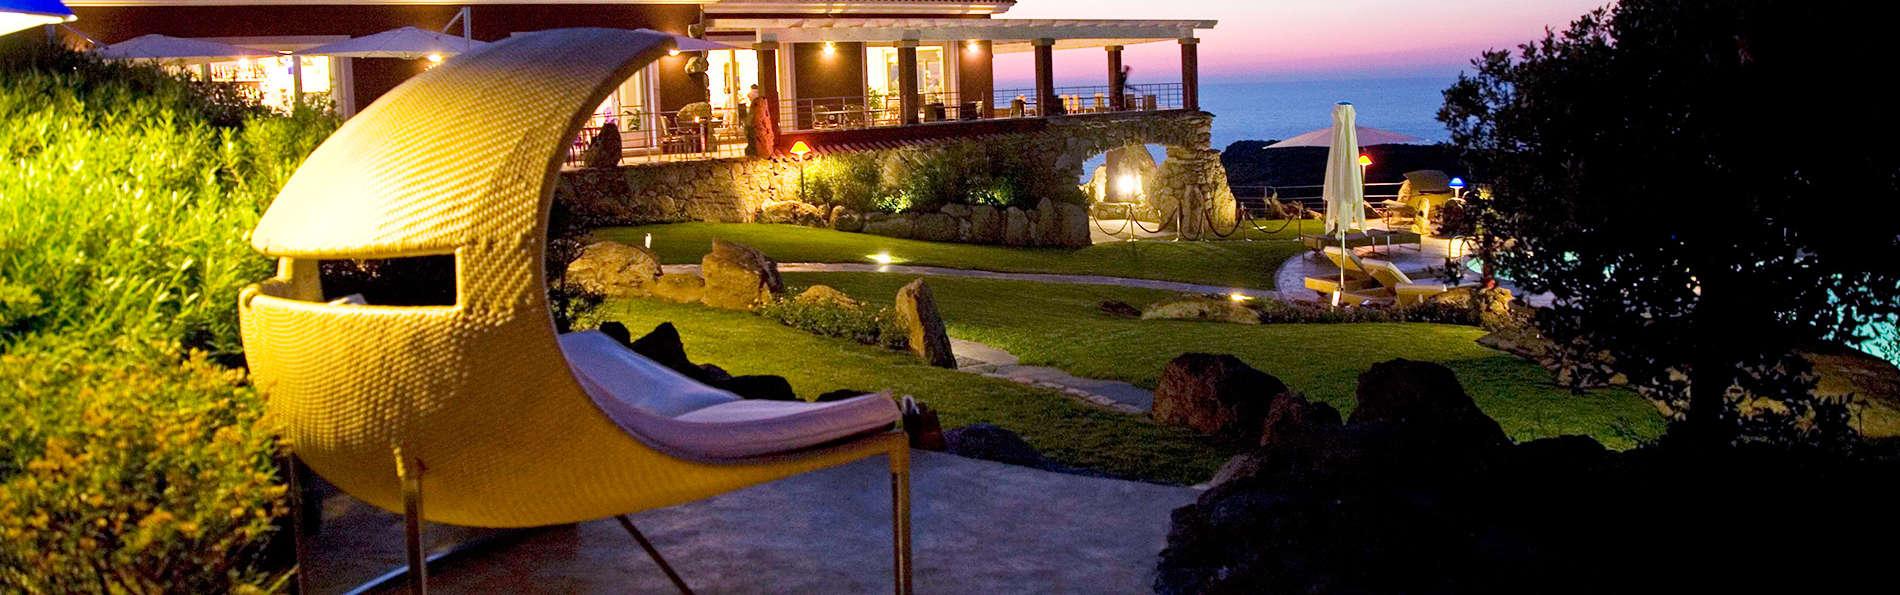 Séjour de rêve dans un bel hôtel en Sardaigne !